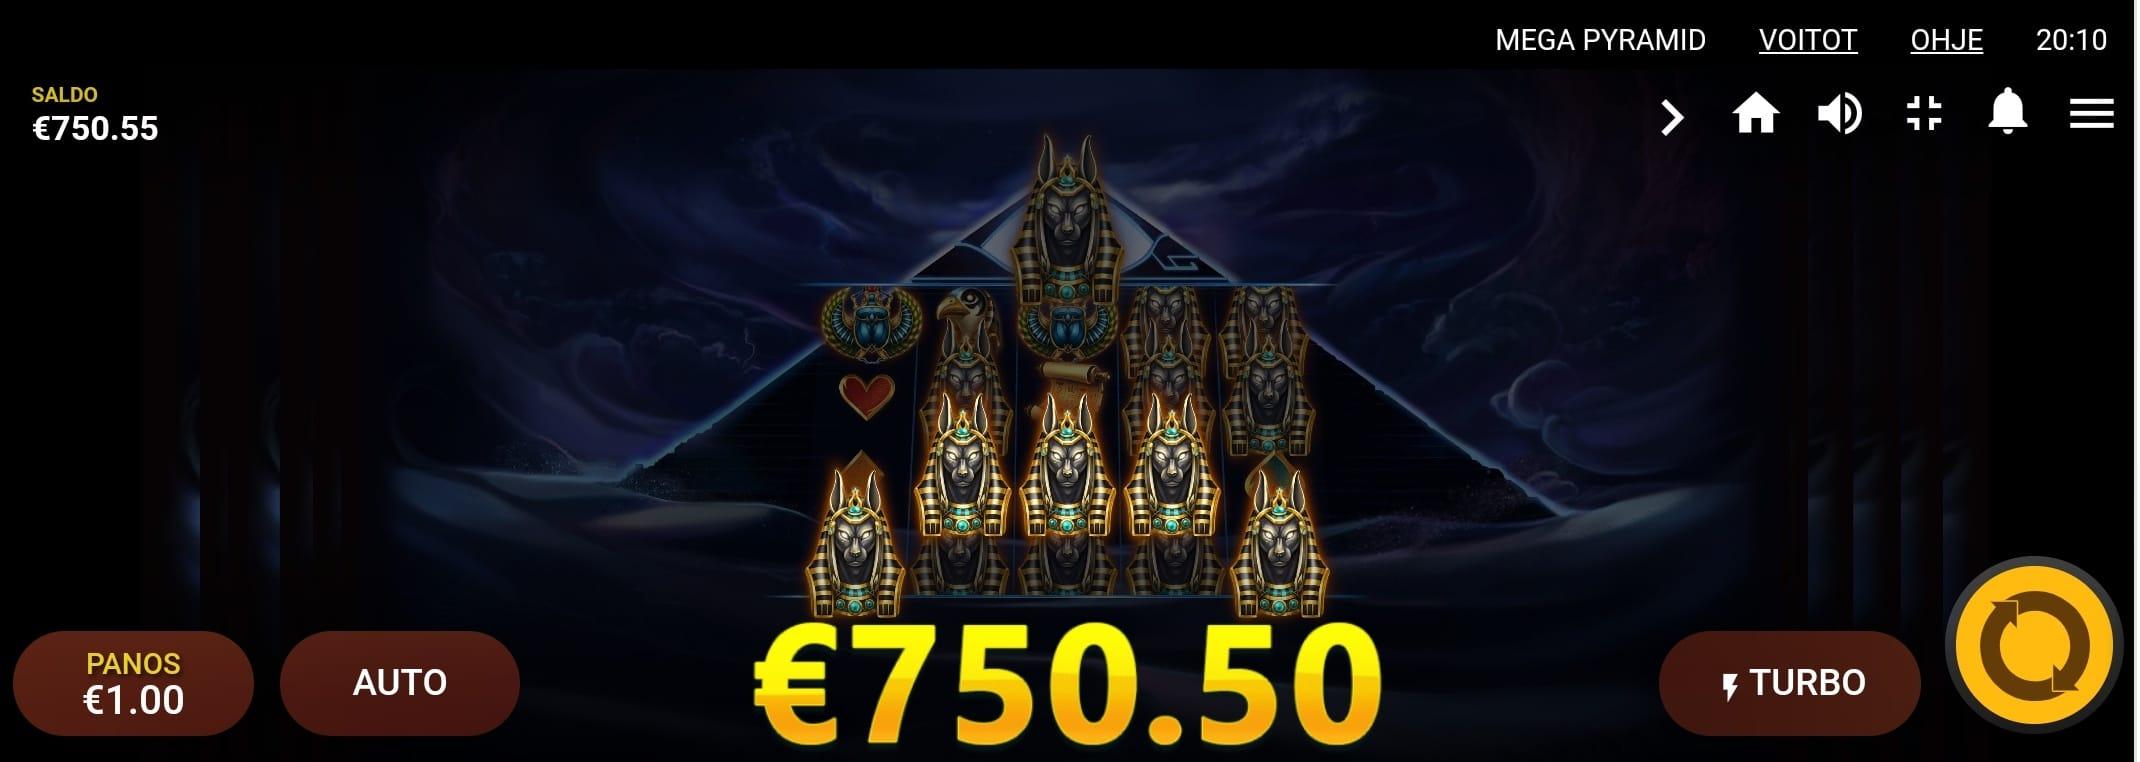 Mega Pyramid slot Big Win picture